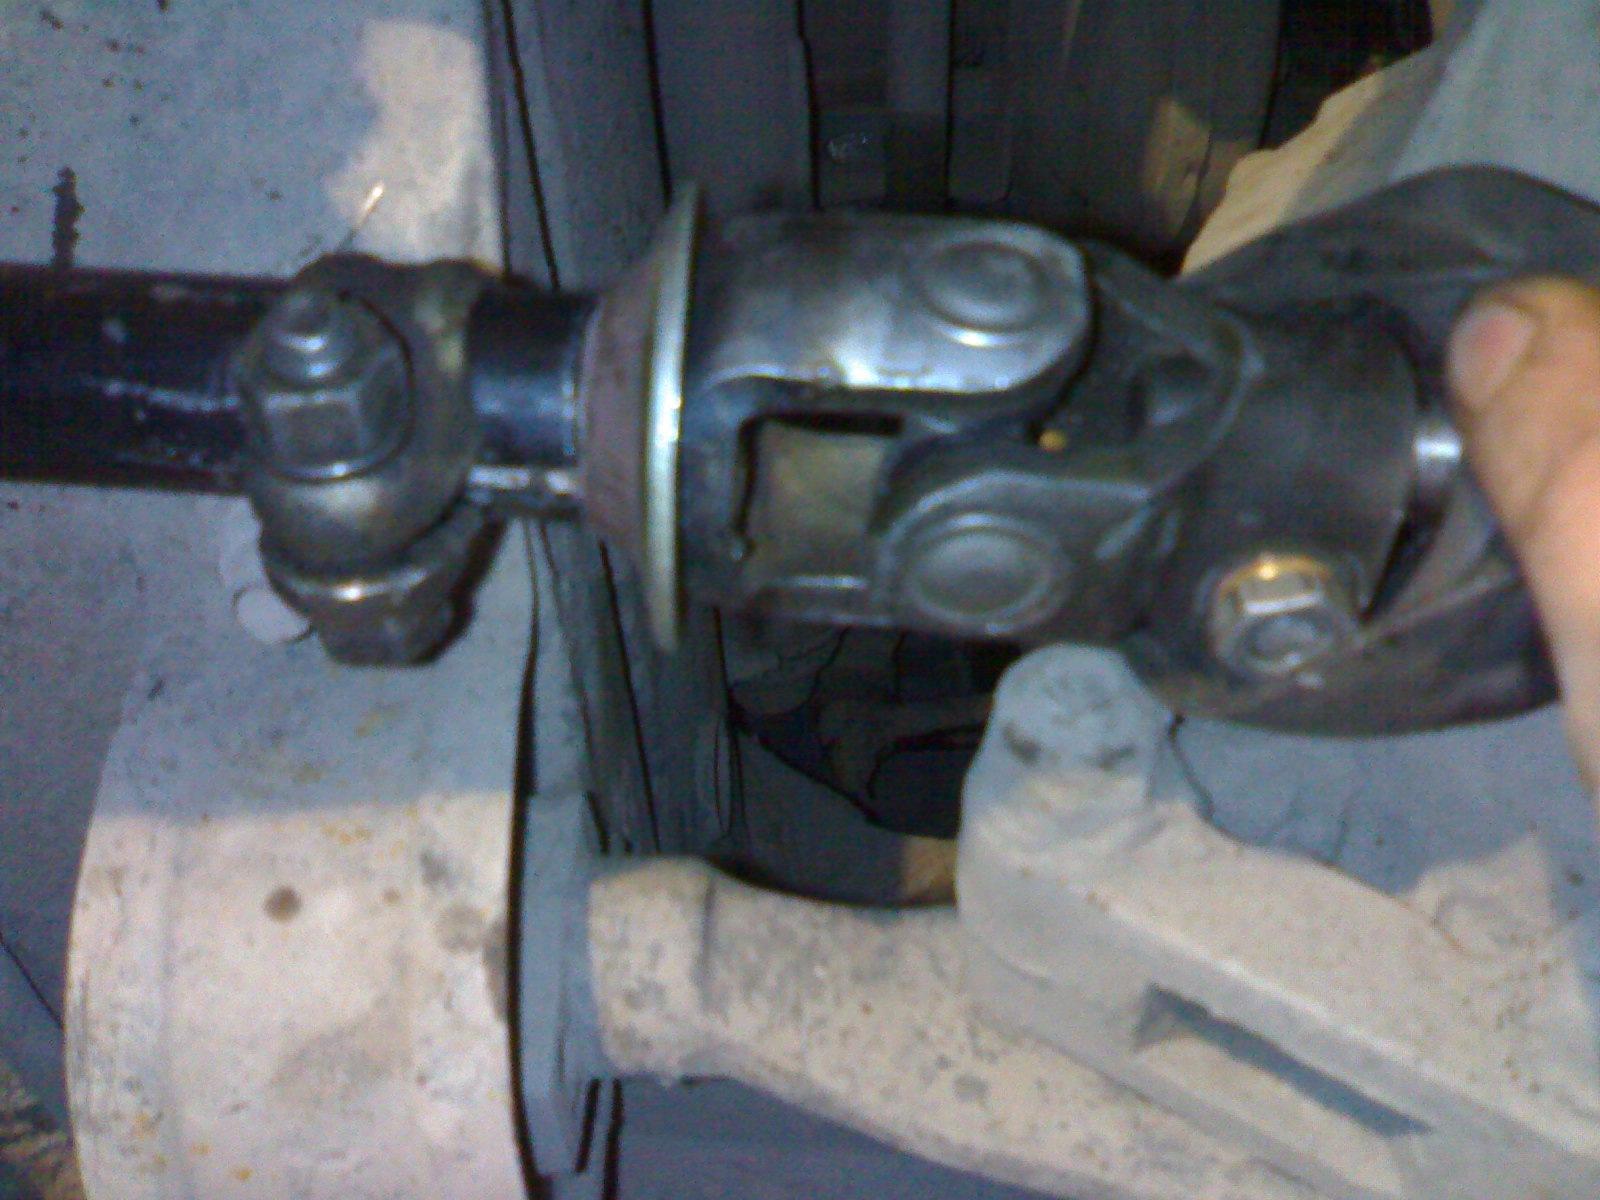 Кулиса ВАЗ 2110: все о ремонте и замене, пошаговая